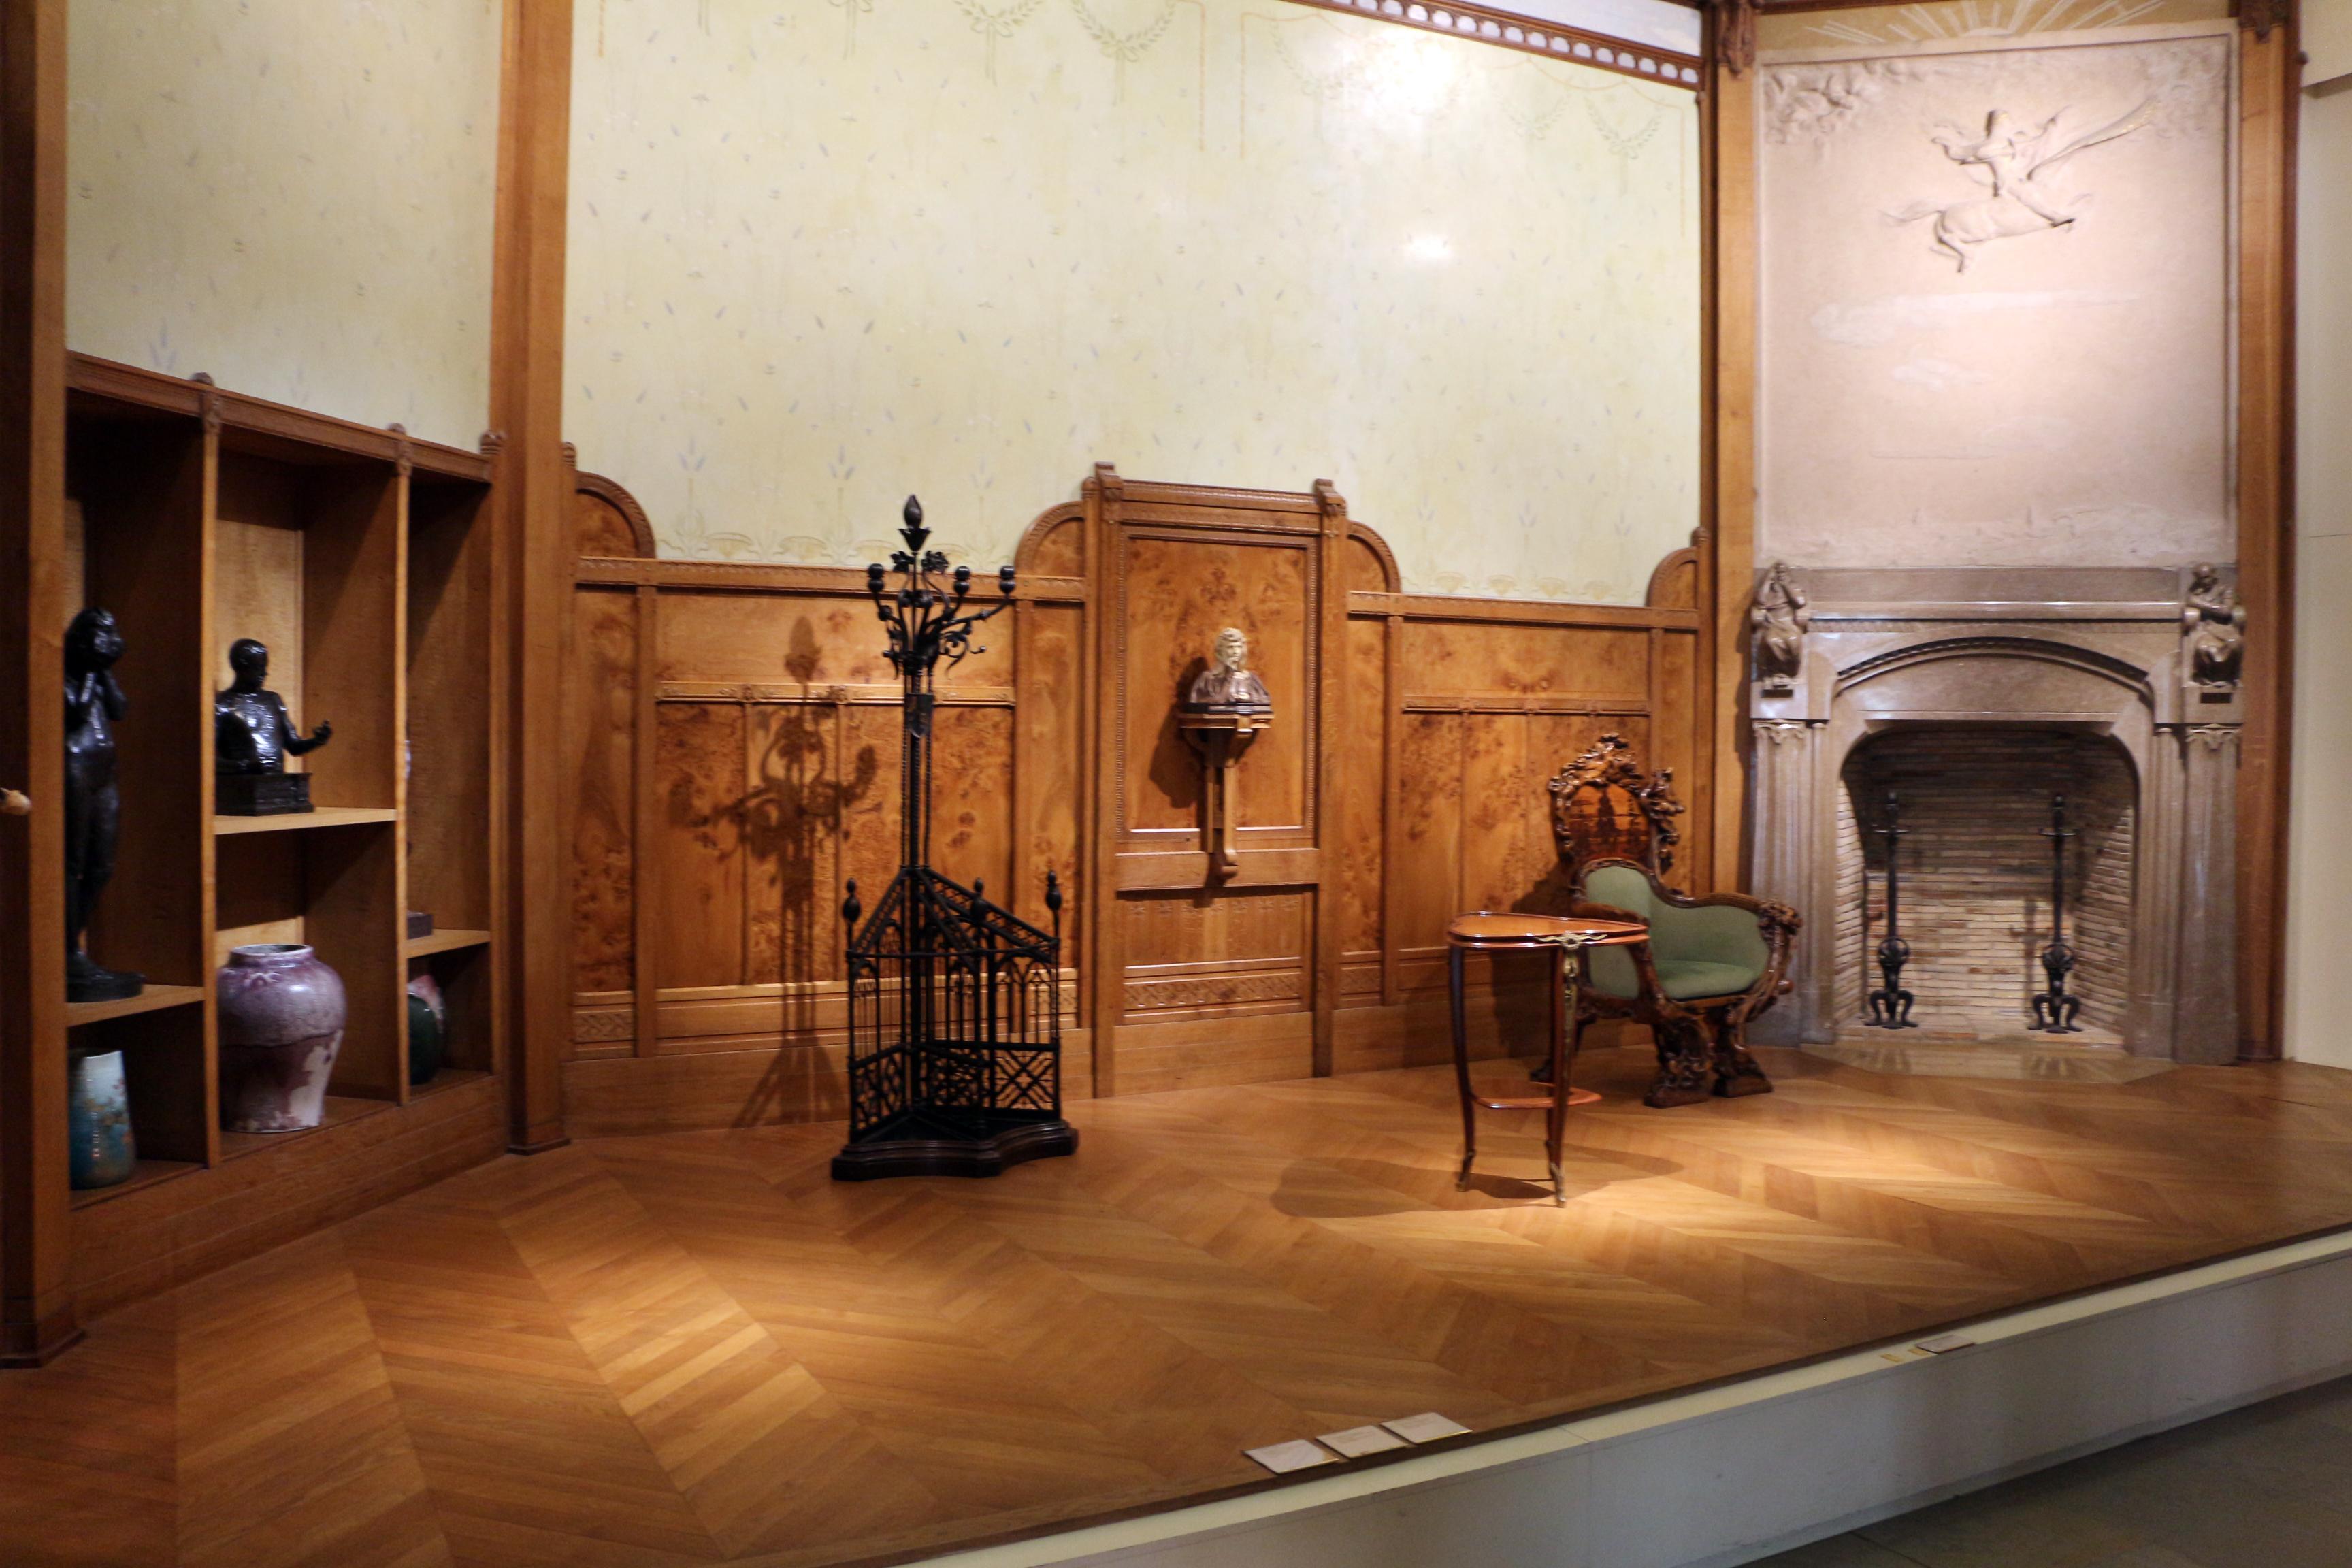 File:Jean dampt, boiserie e camino della salle du chevalier dell ...